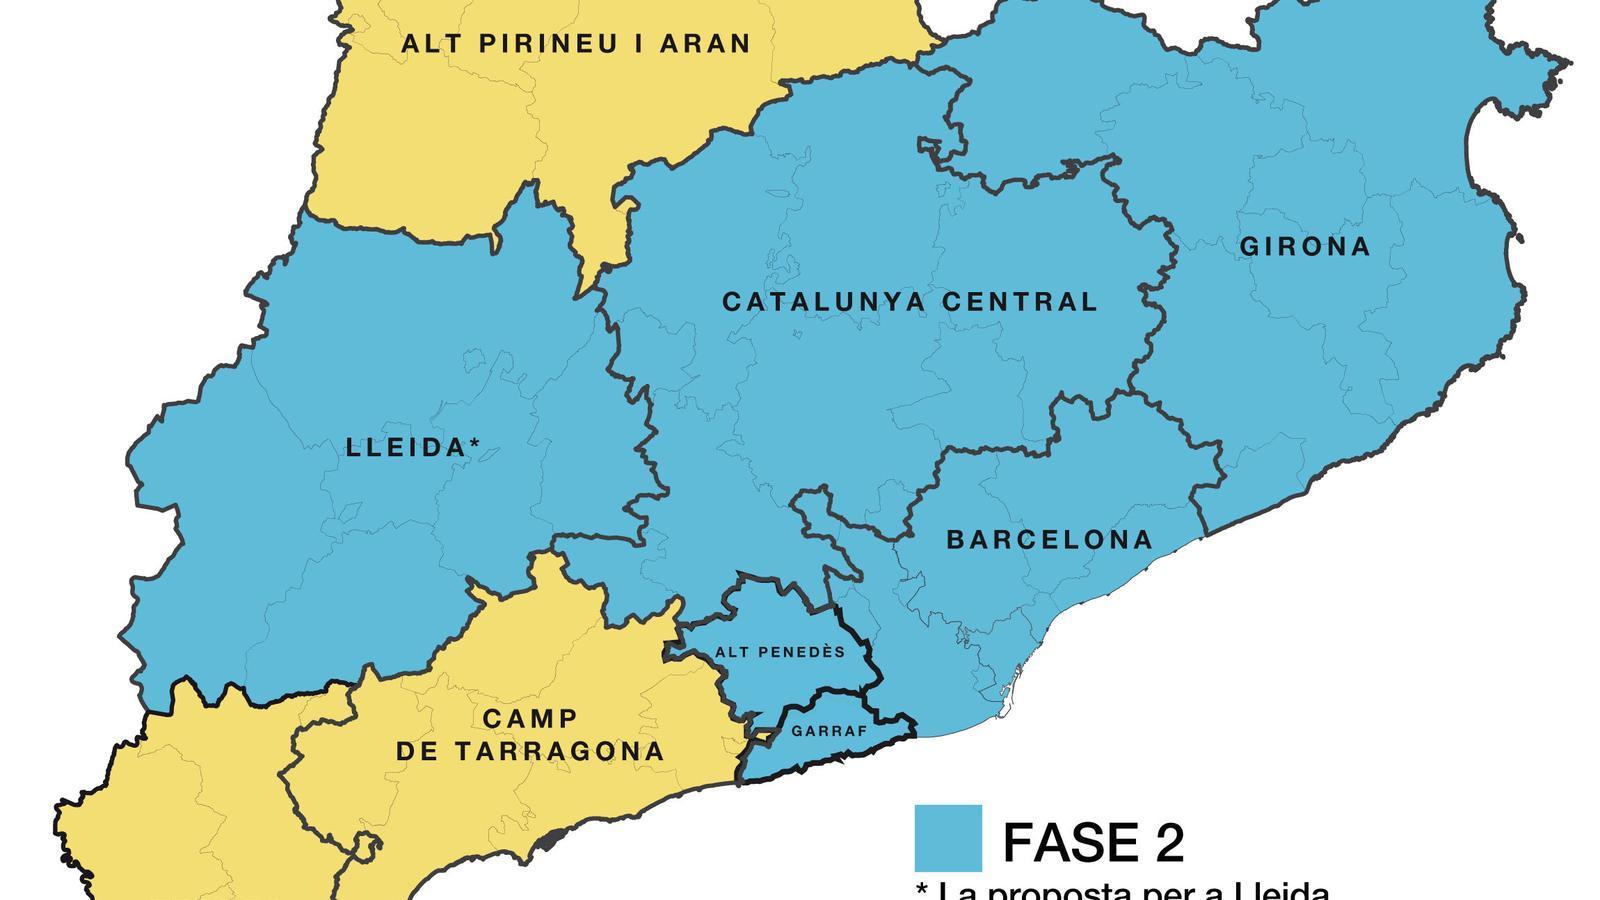 La proposta que farà la Generalitat al govern espanyol. / SALUT GENERALITAT